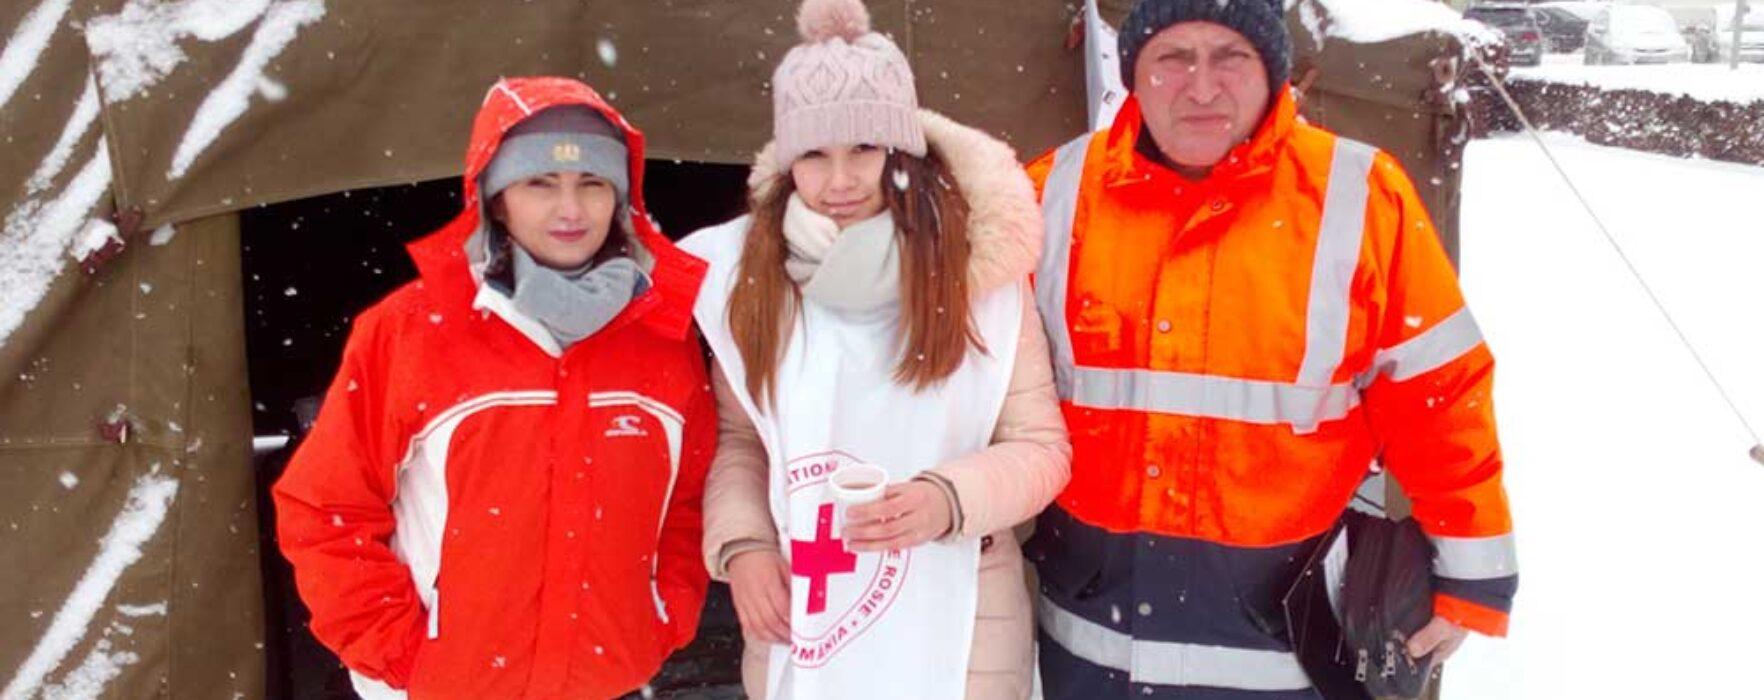 Târgovişte: Voluntari de la Crucea Roşie distribuie ceai cald